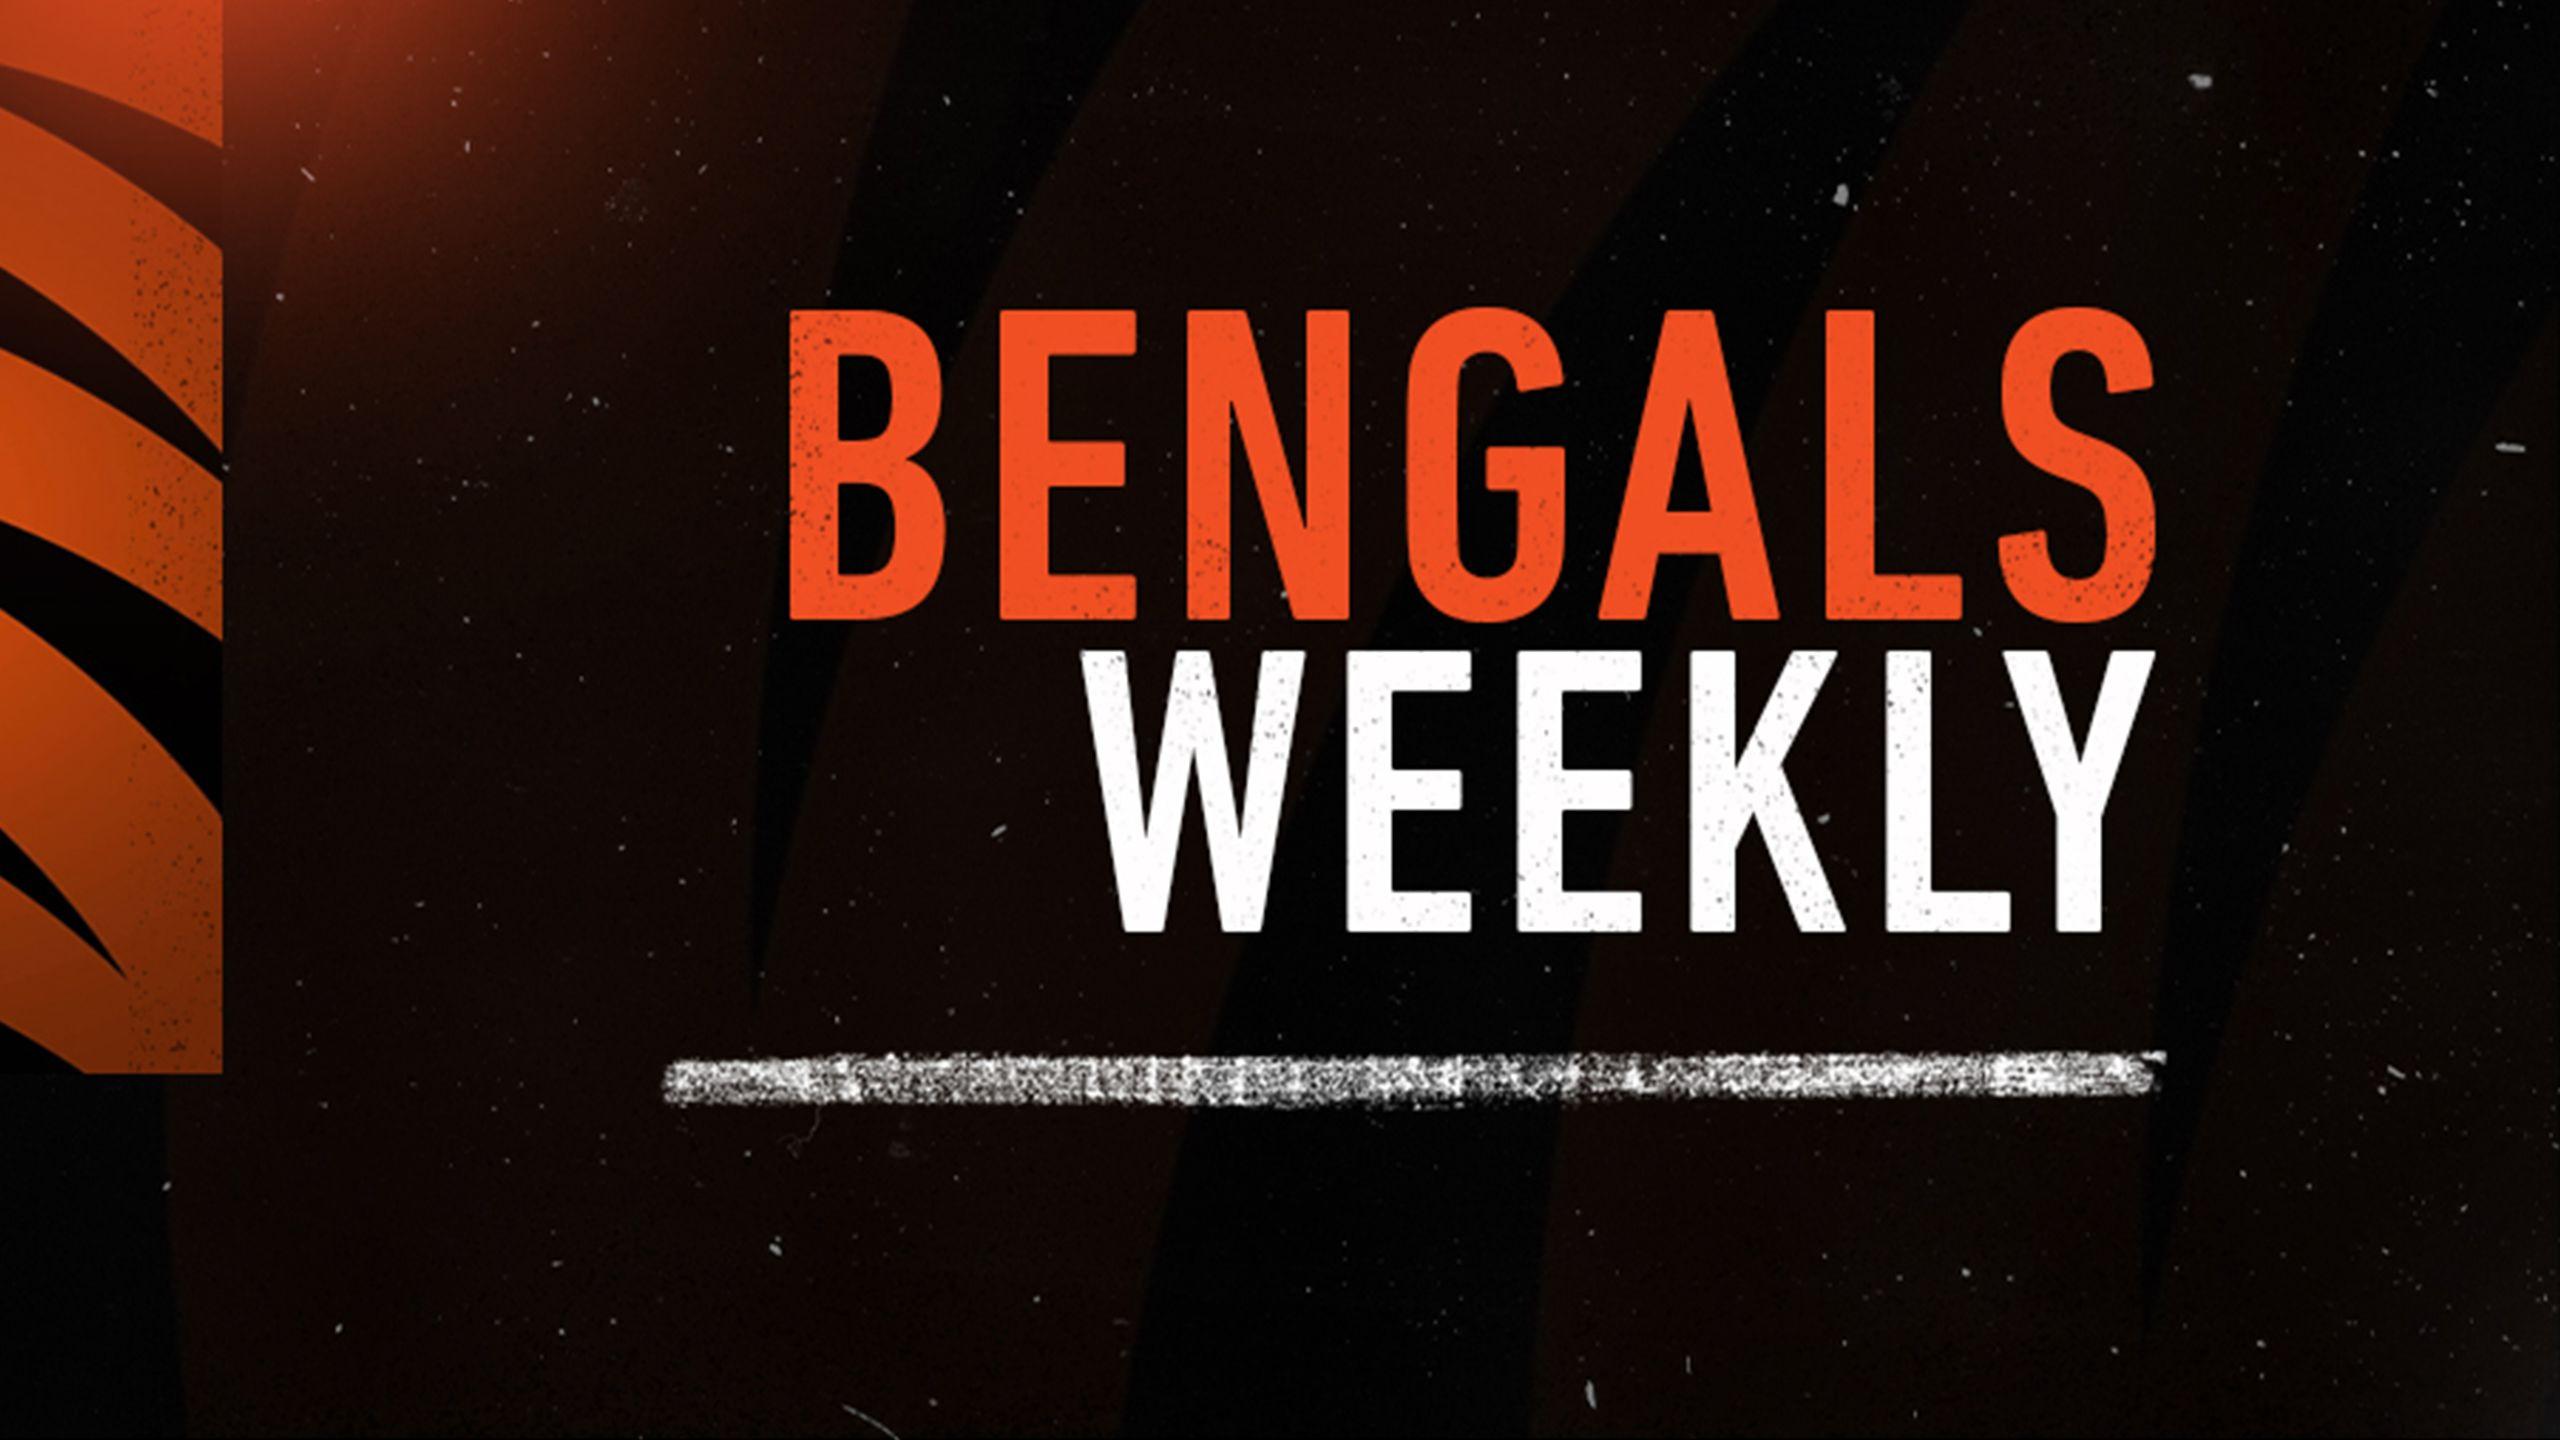 Bengals Weekly